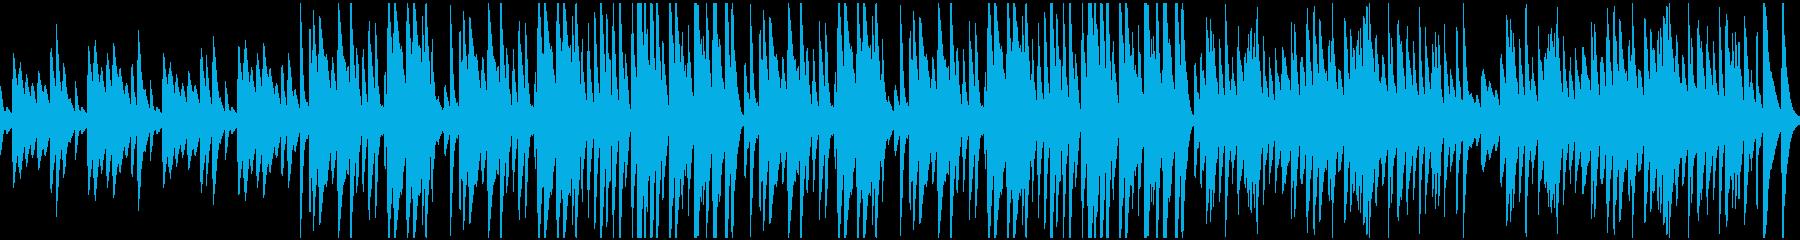 メリーゴーランド風のマリンバ【ループ可】の再生済みの波形